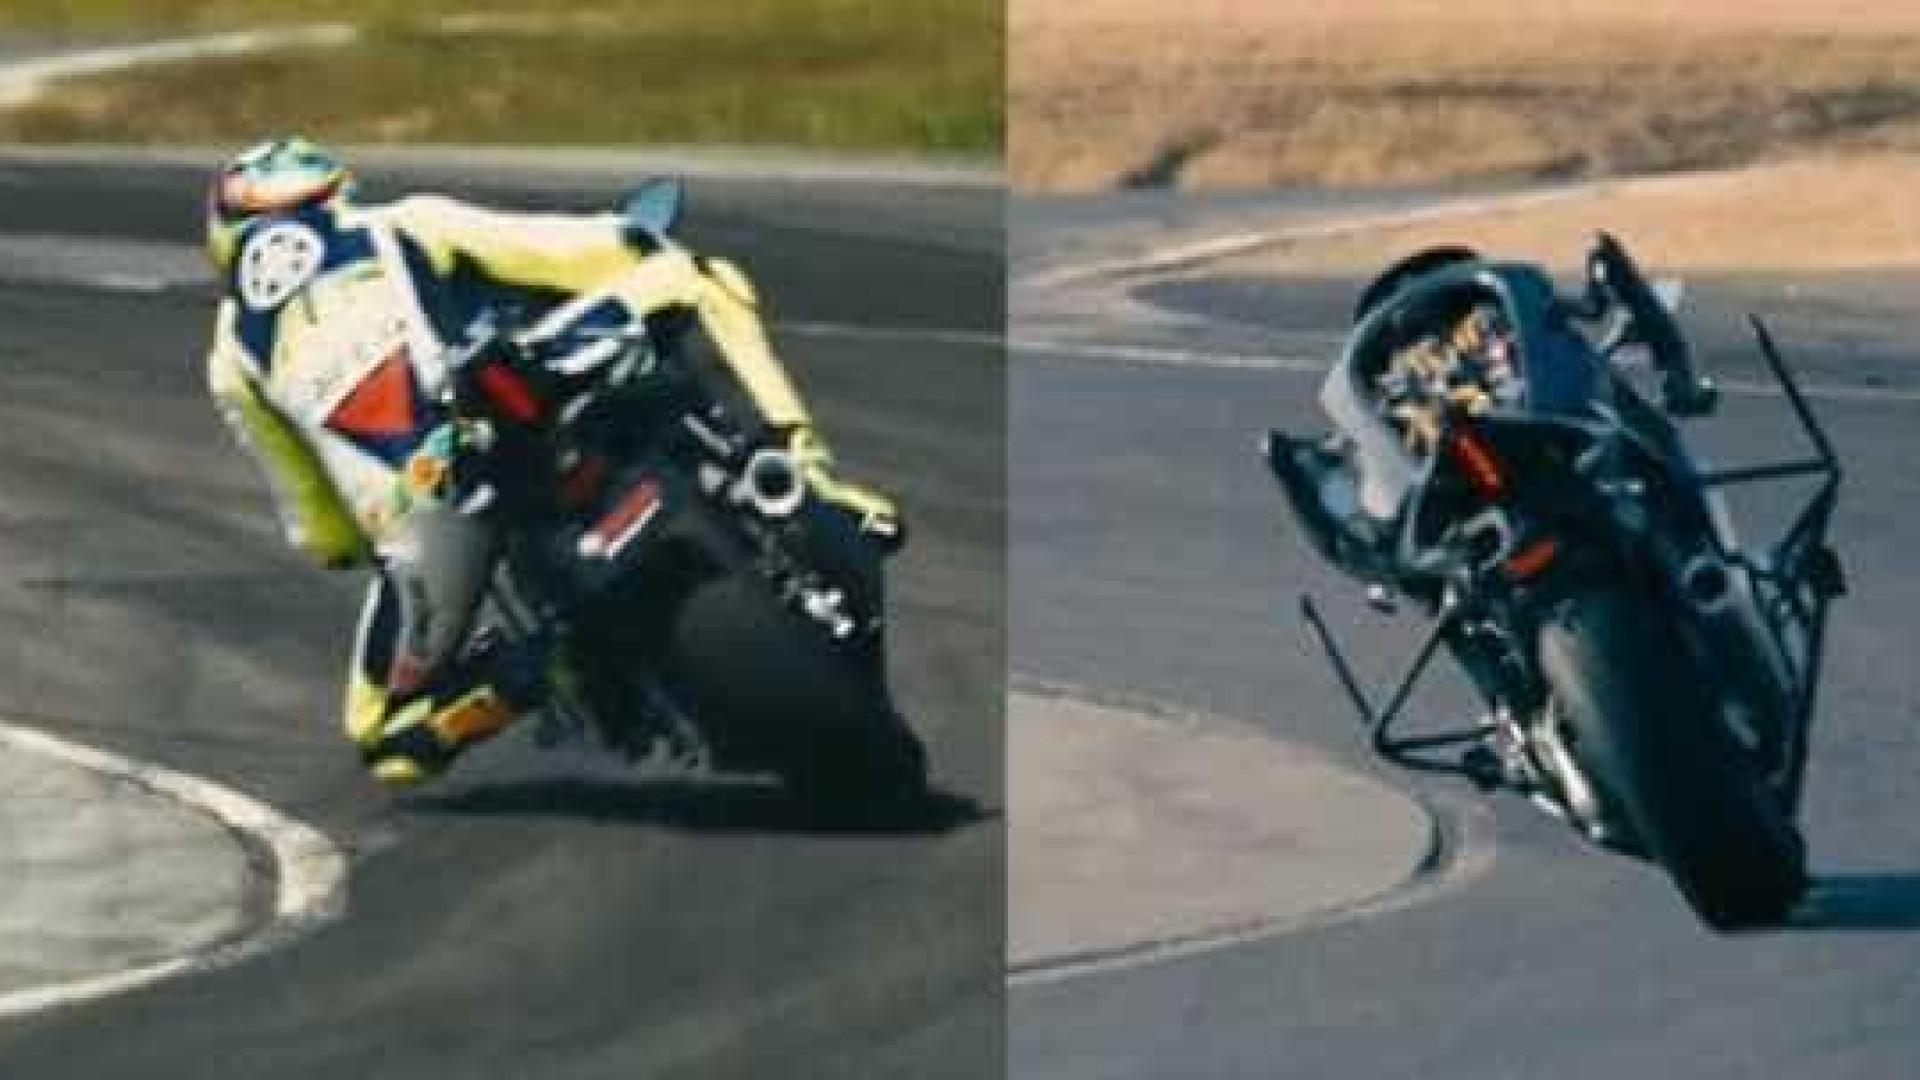 Esta moto autónoma da Yamaha tentou 'bater' Rossi. Será que conseguiu?